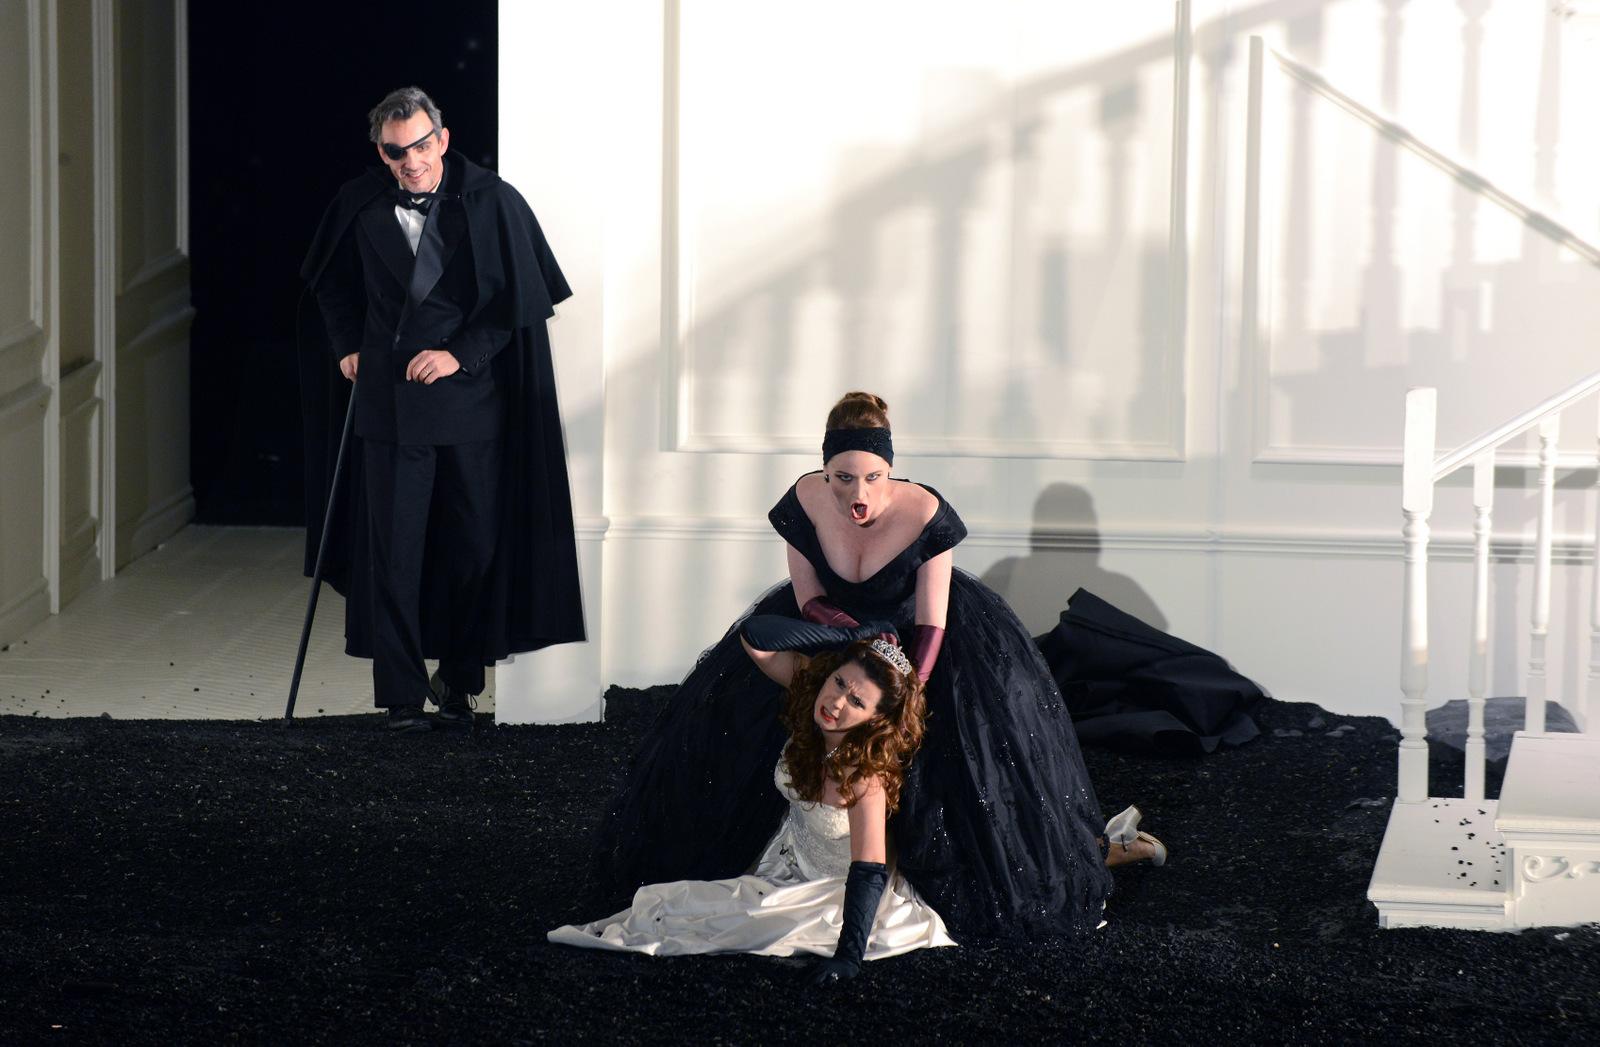 Rodelinda, de Haendel – Mise en scène Claus Guth © Jean-Pierre Maurin (photo de répétition à l'opéra de Lyon)